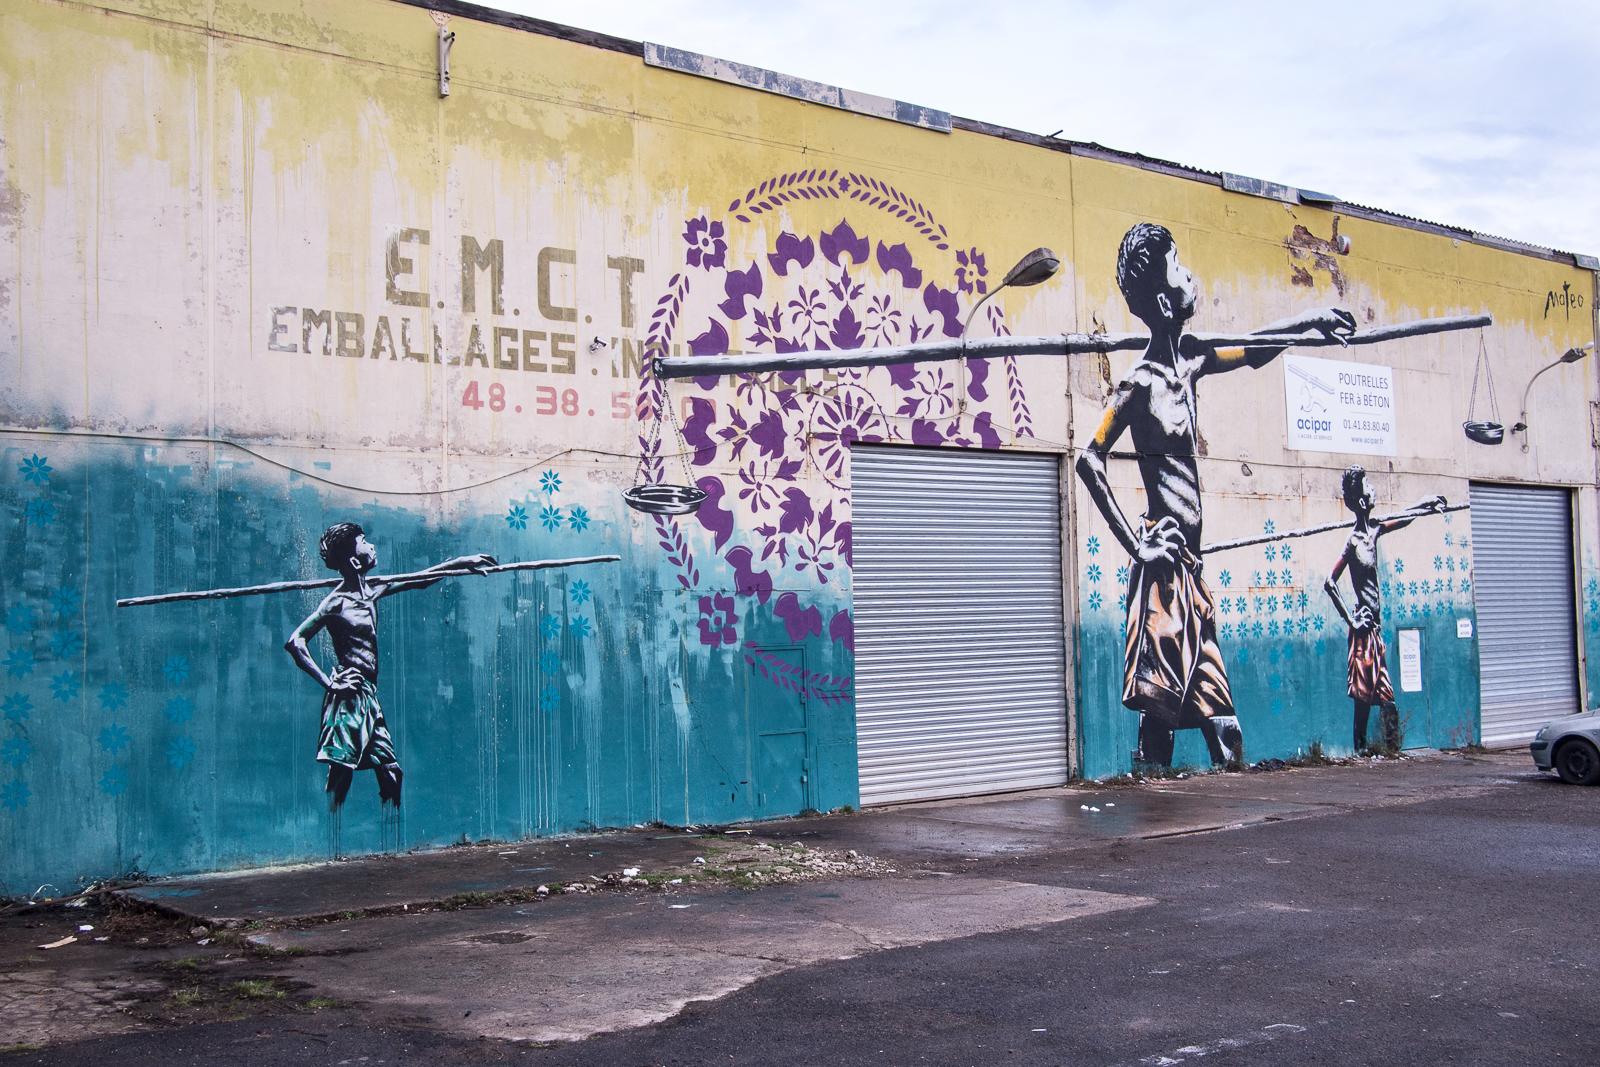 Mateo _ Égalité - Murale Paris Le Bourget-17.jpg